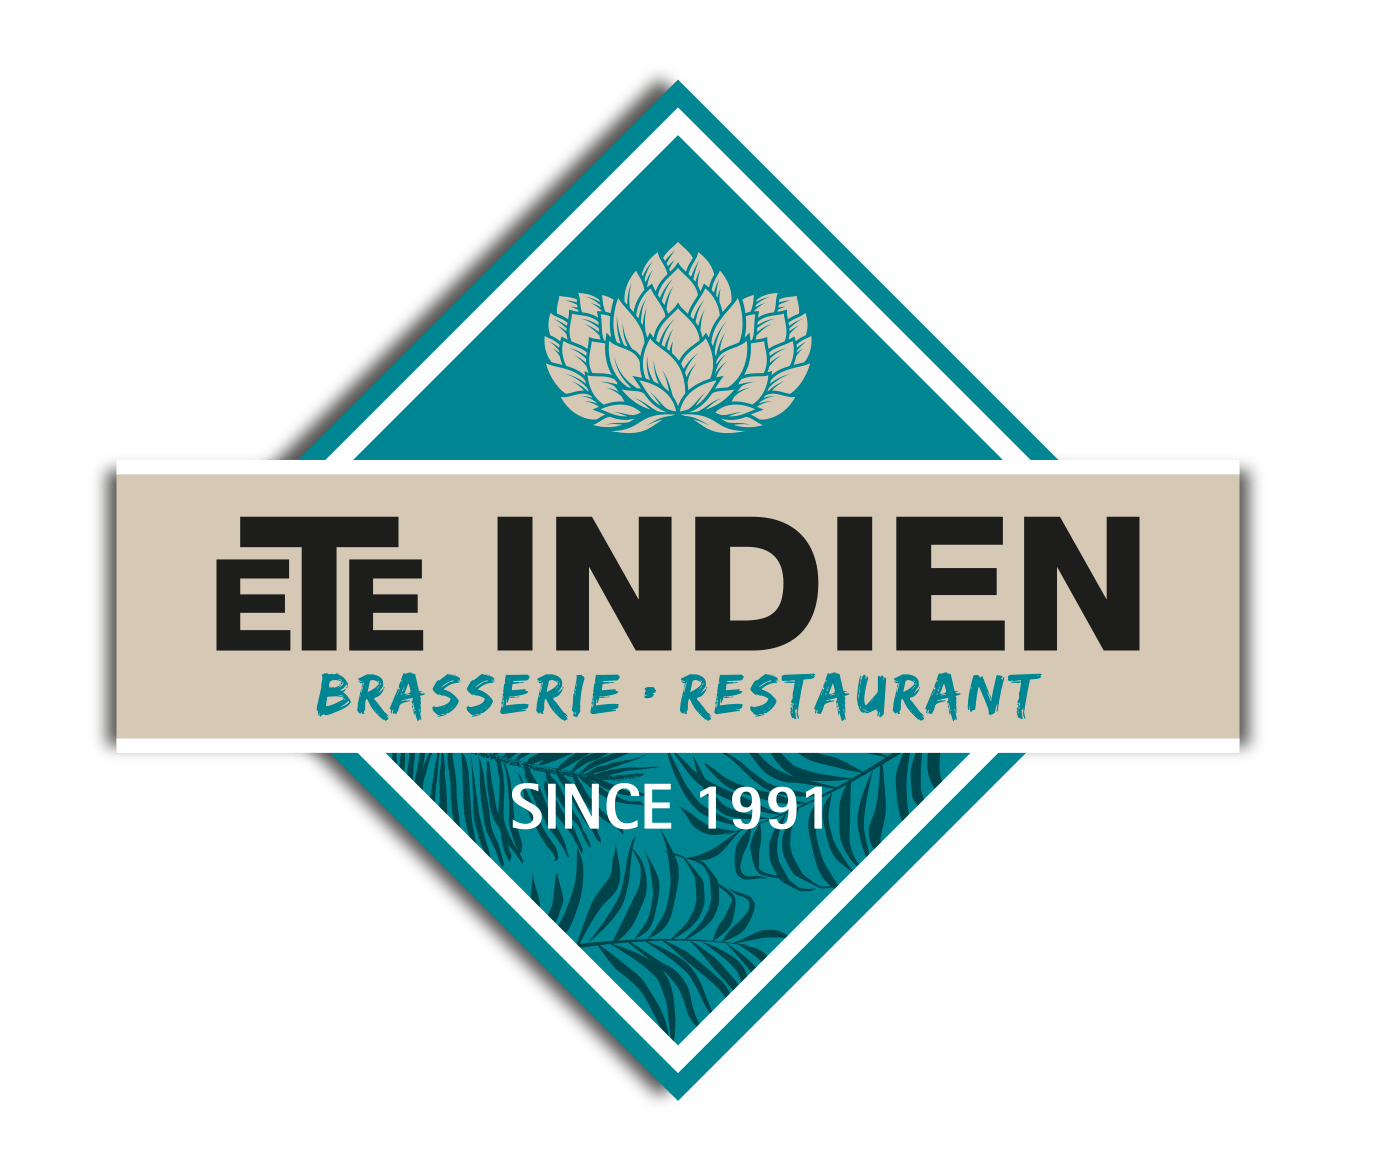 Logo de l'Été Indien